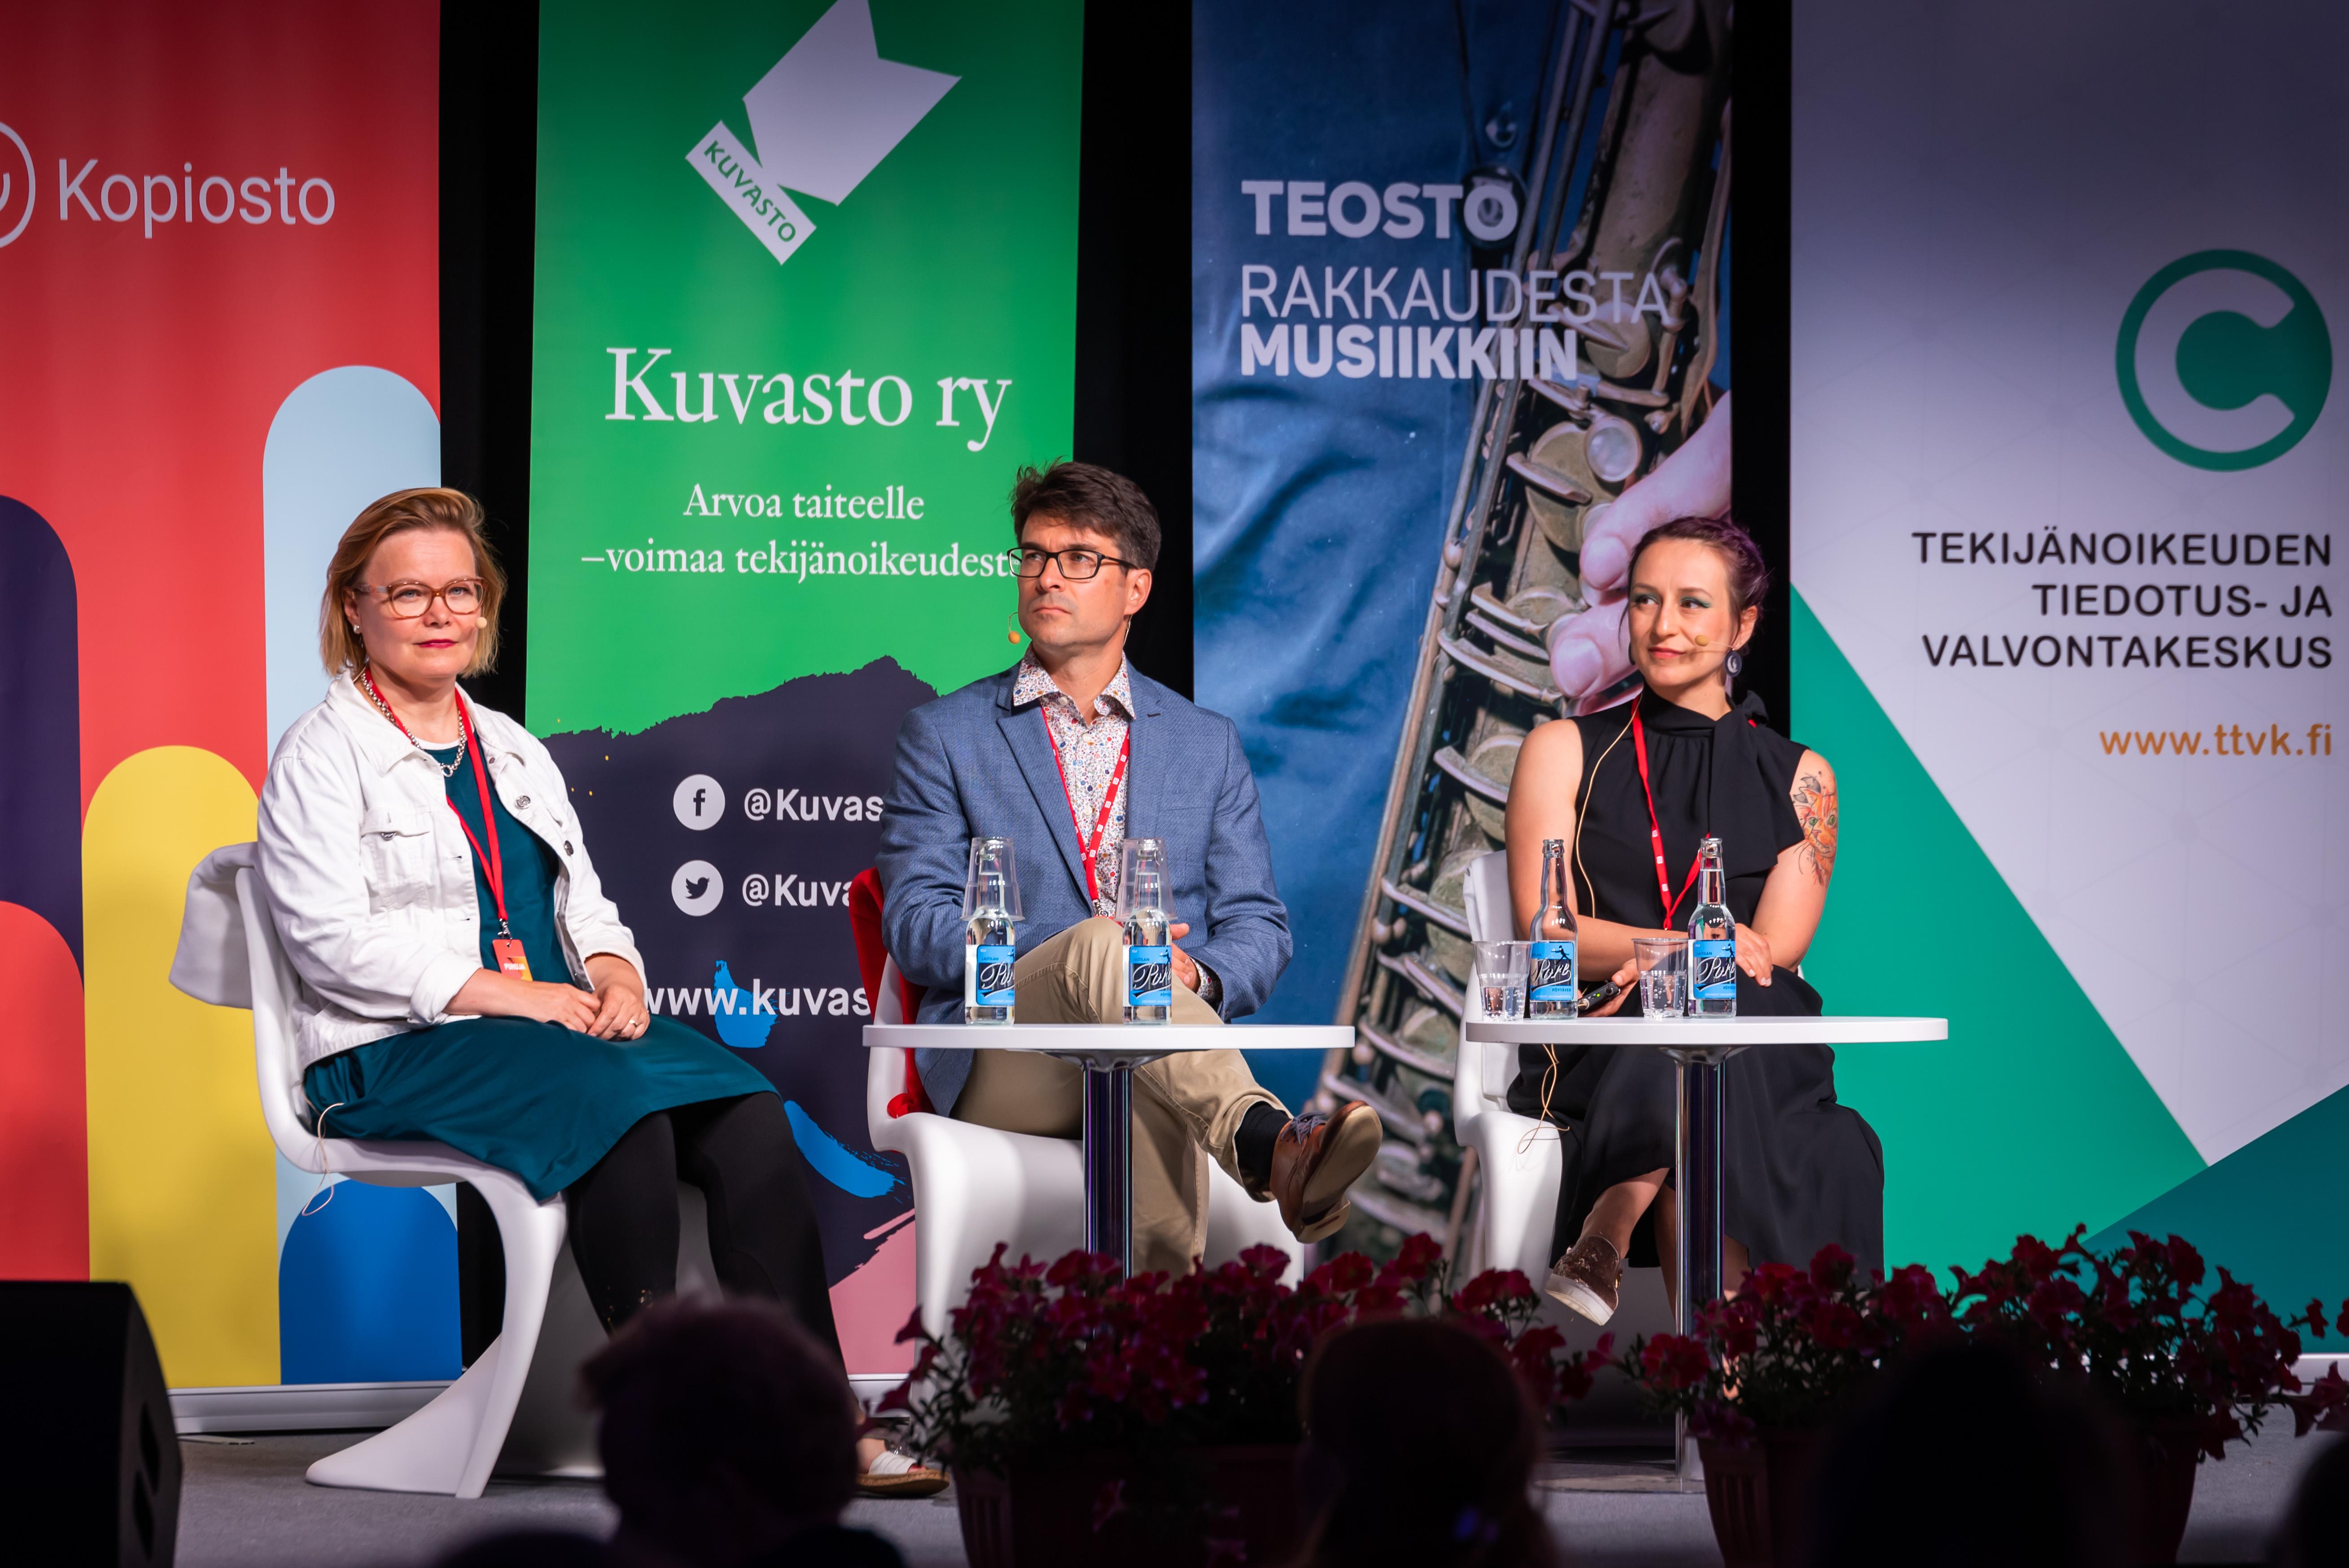 Iikka Vehkalahti, Perttu Pölönen ja Sanna Piiroinen keskustelivat luovuuden merkityksestä taloudelle. Kuva: Rami Nummelin/ Studio Kuvataivas